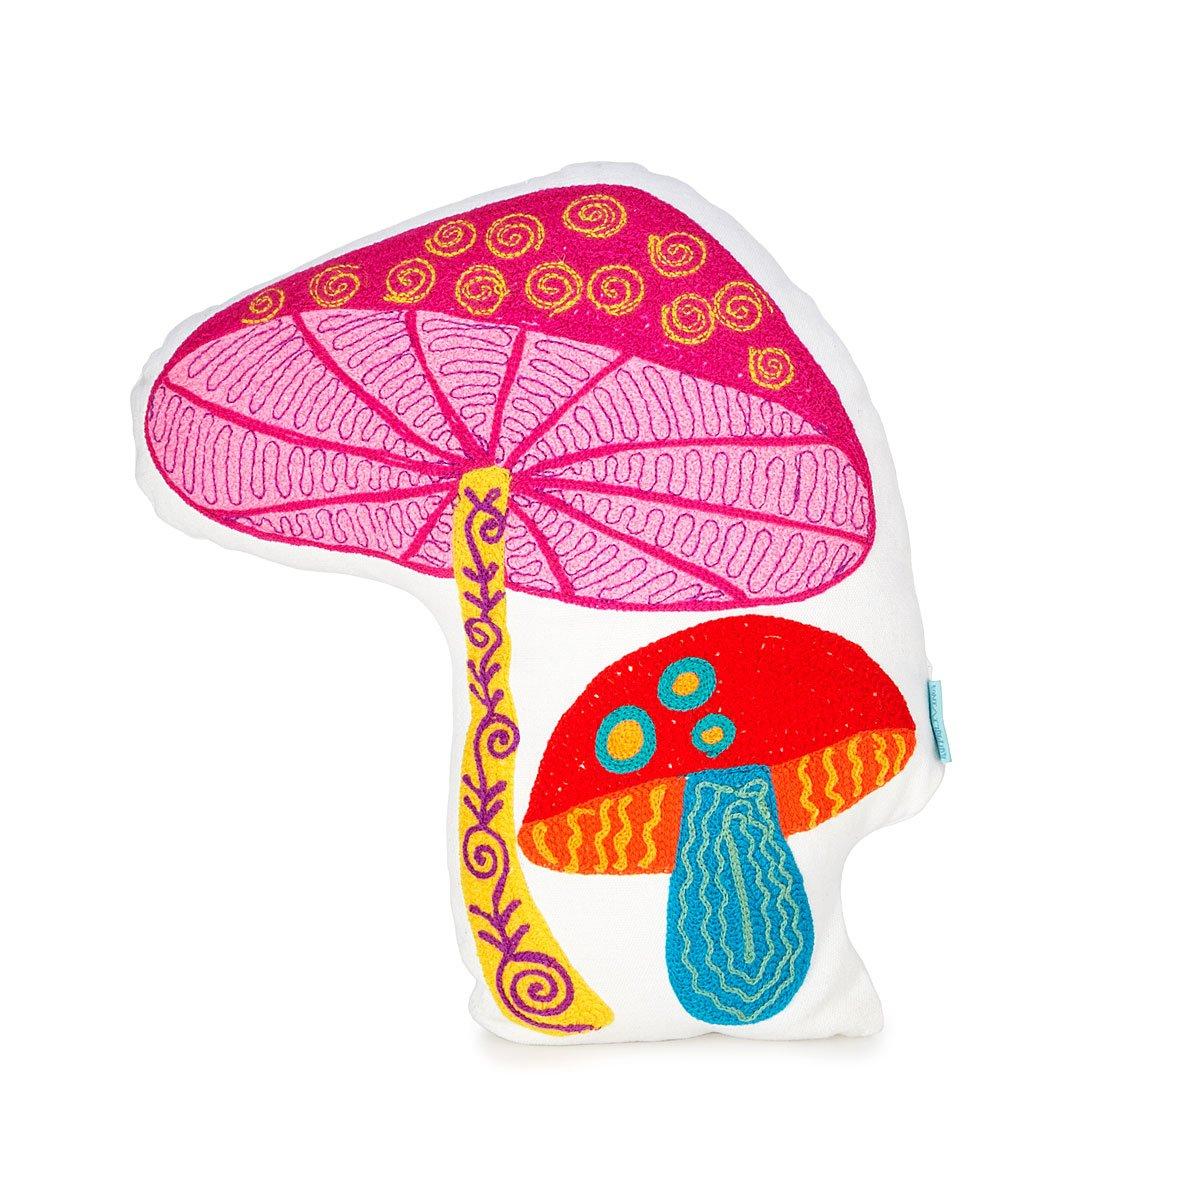 Merry Mushroom Embroidered Pillow | Unique Home Decor; Handmade ...